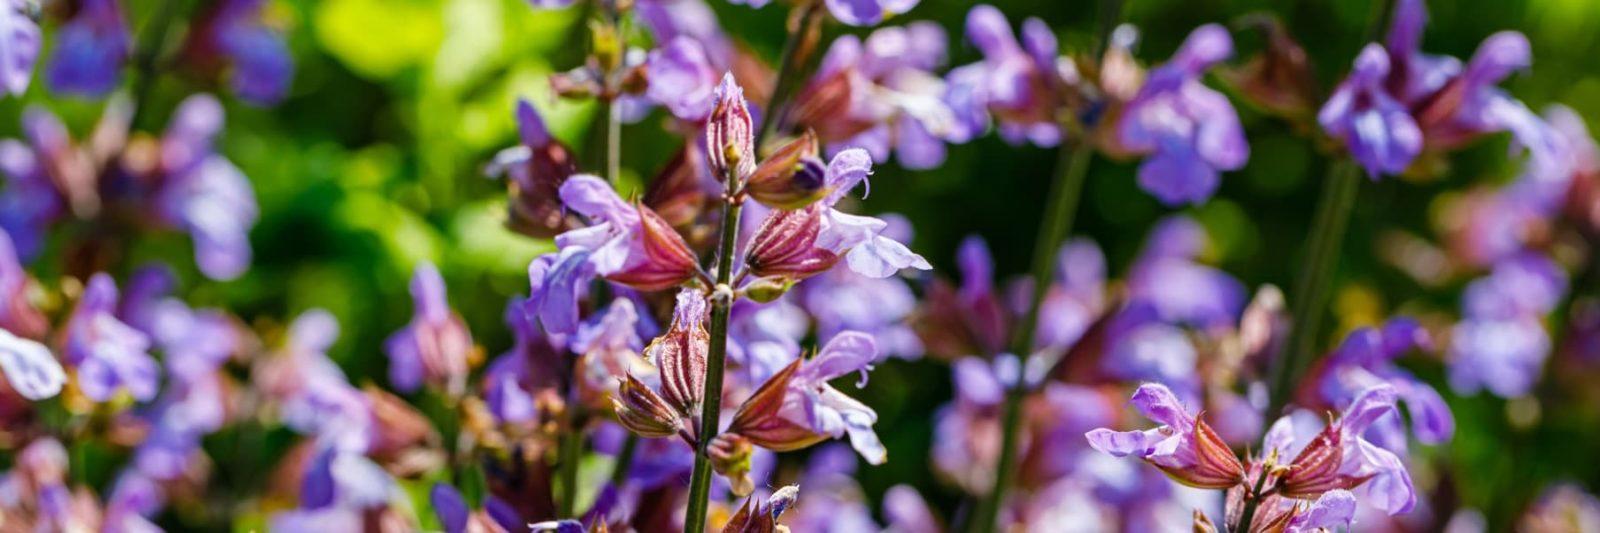 panoramic view of purple salvia flowers